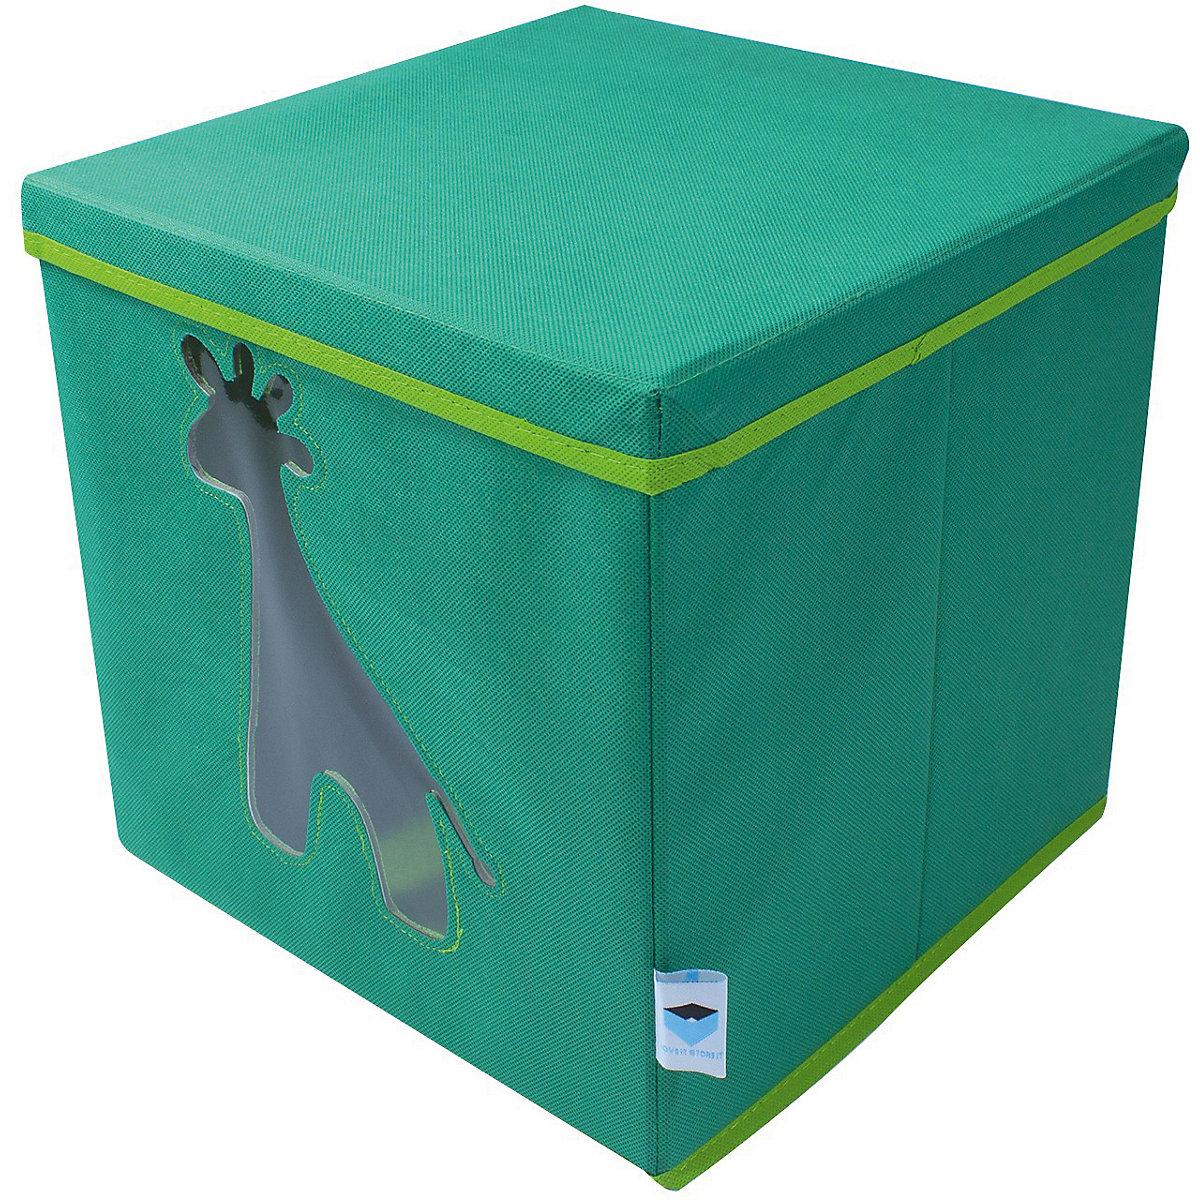 aufbewahrungsbox giraffe mit sichtfenster store it mytoys. Black Bedroom Furniture Sets. Home Design Ideas